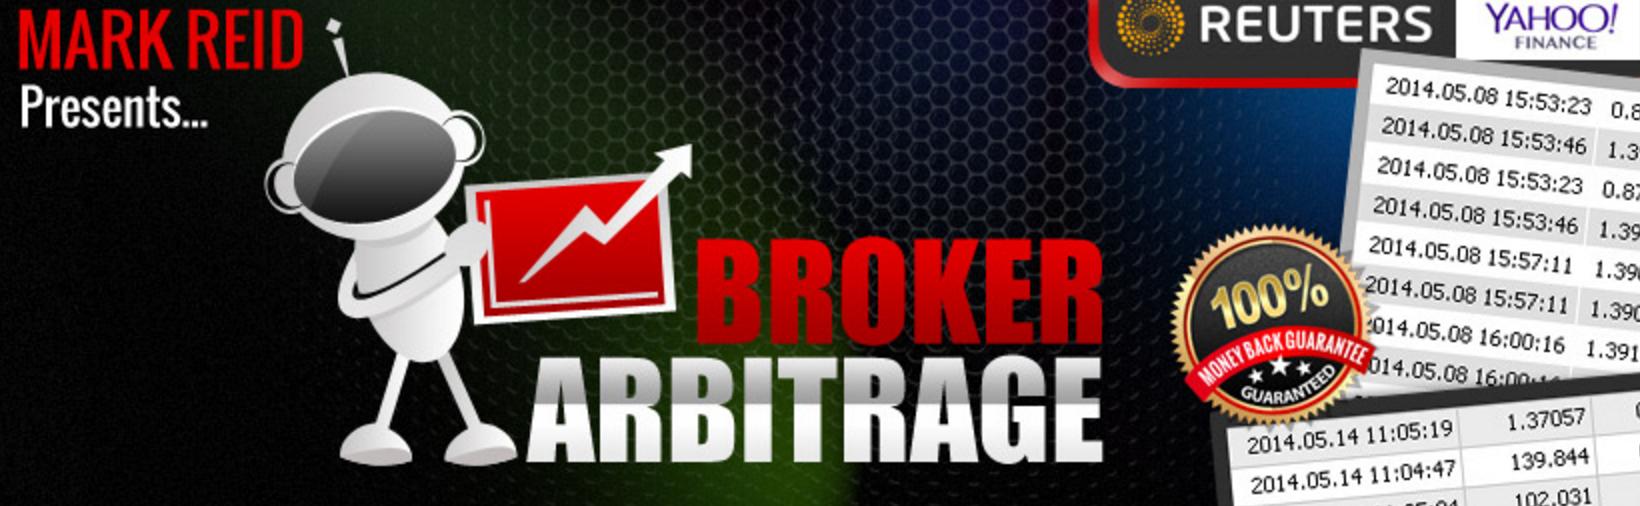 broker arbitrage